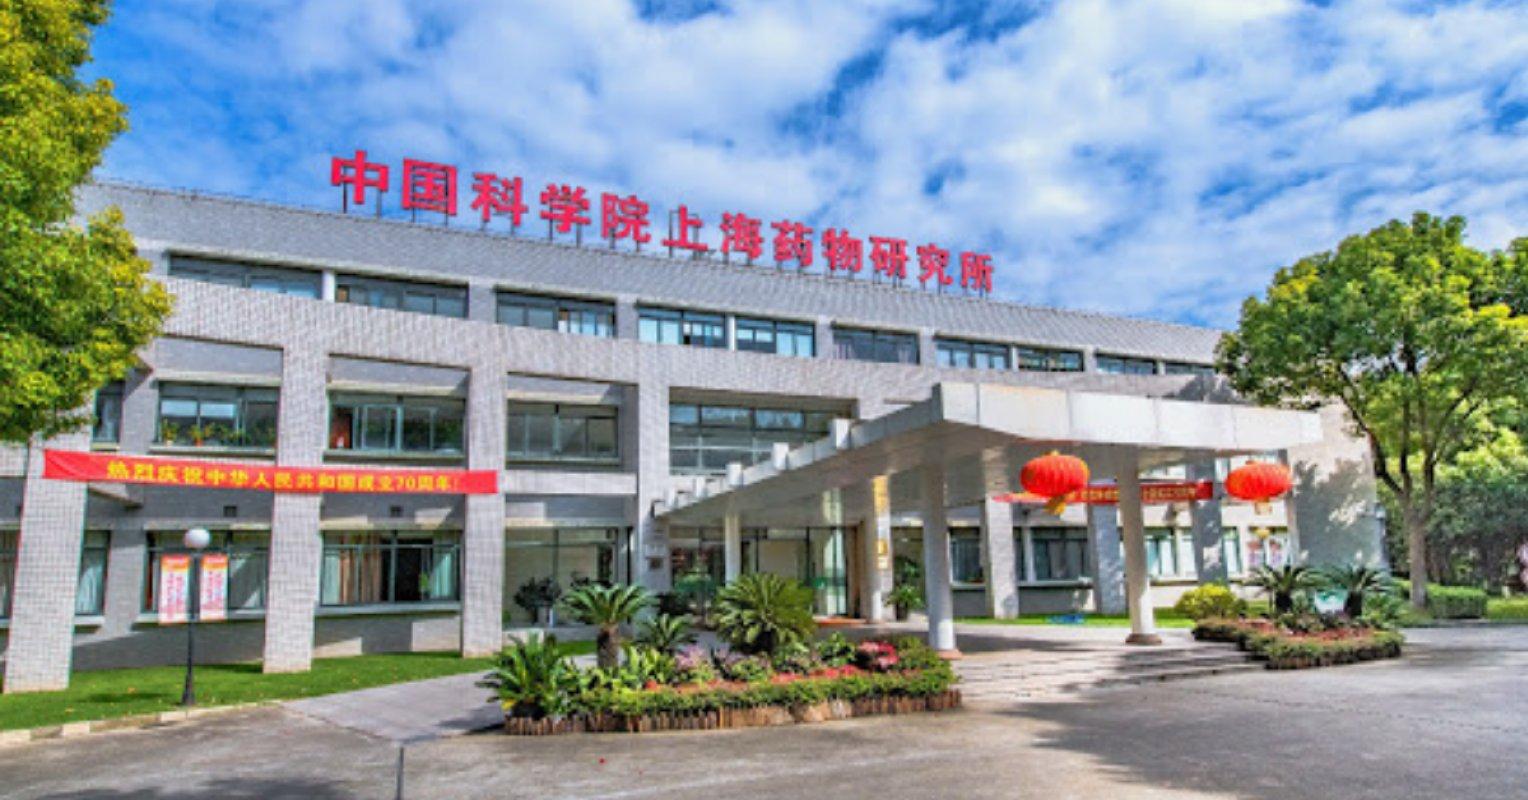 融入大灣區建設!中科院上海藥物研究所重點佈局中山